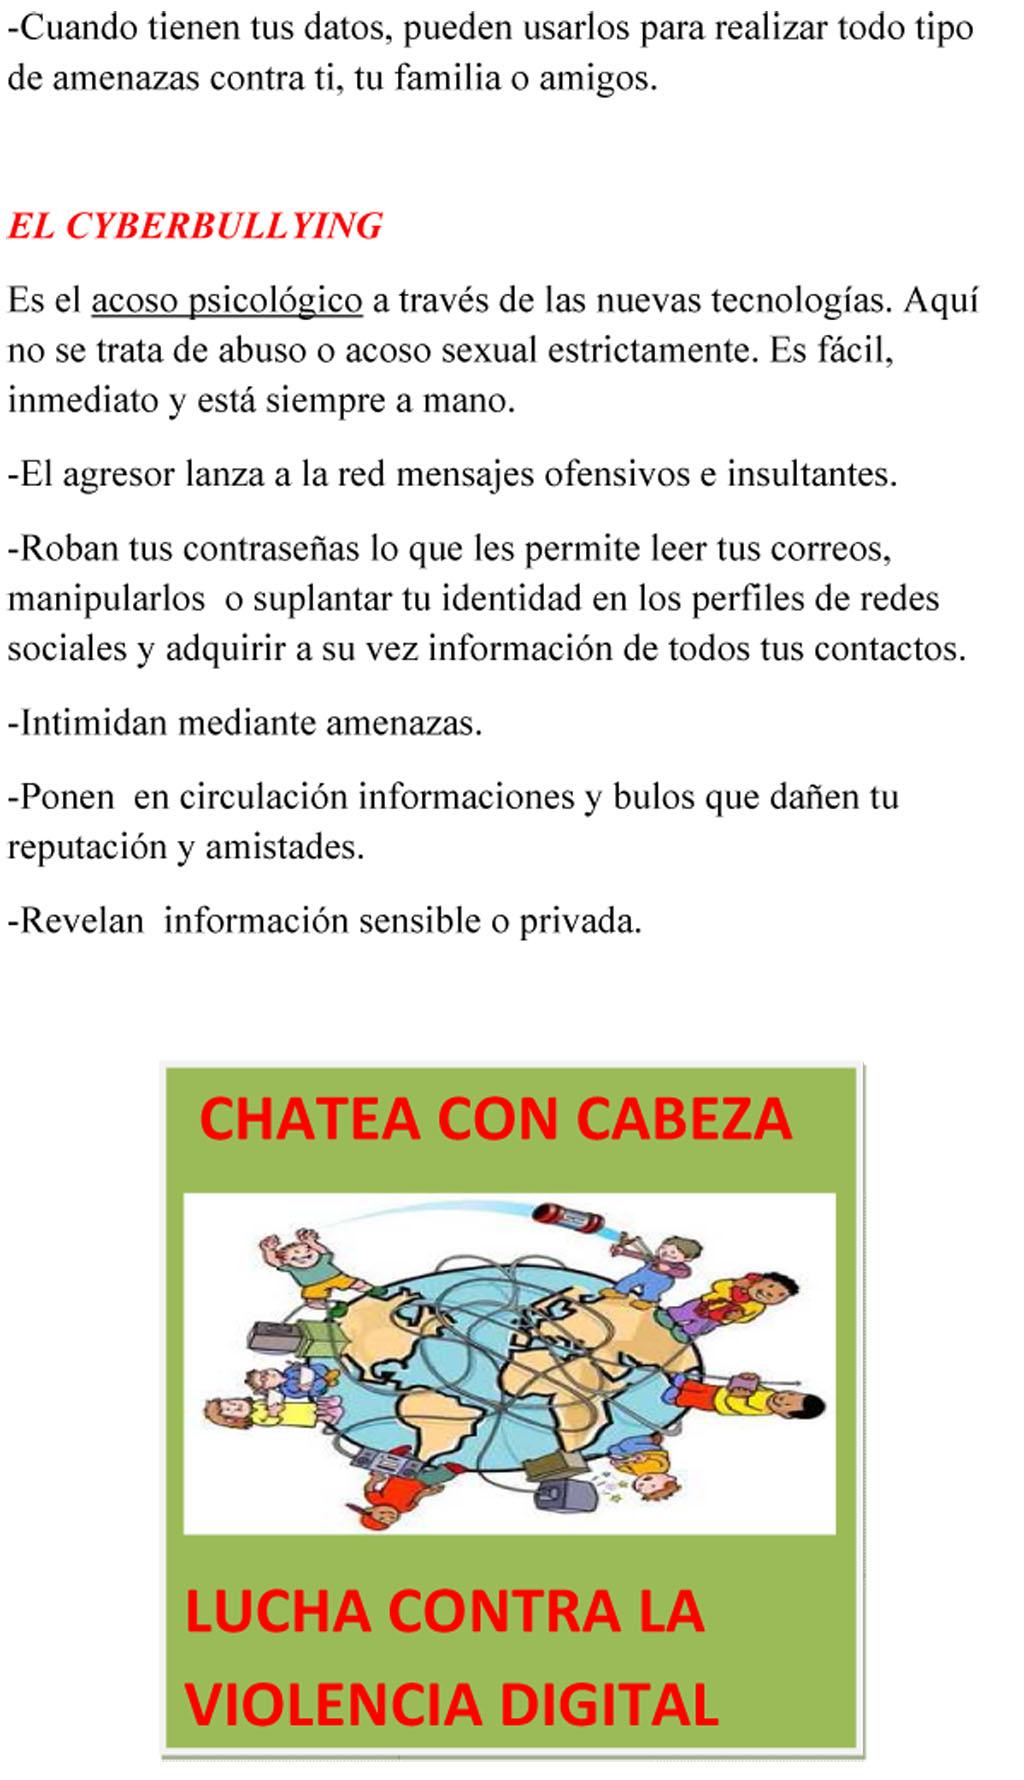 LA VIOLENCIA DIGITAL-3